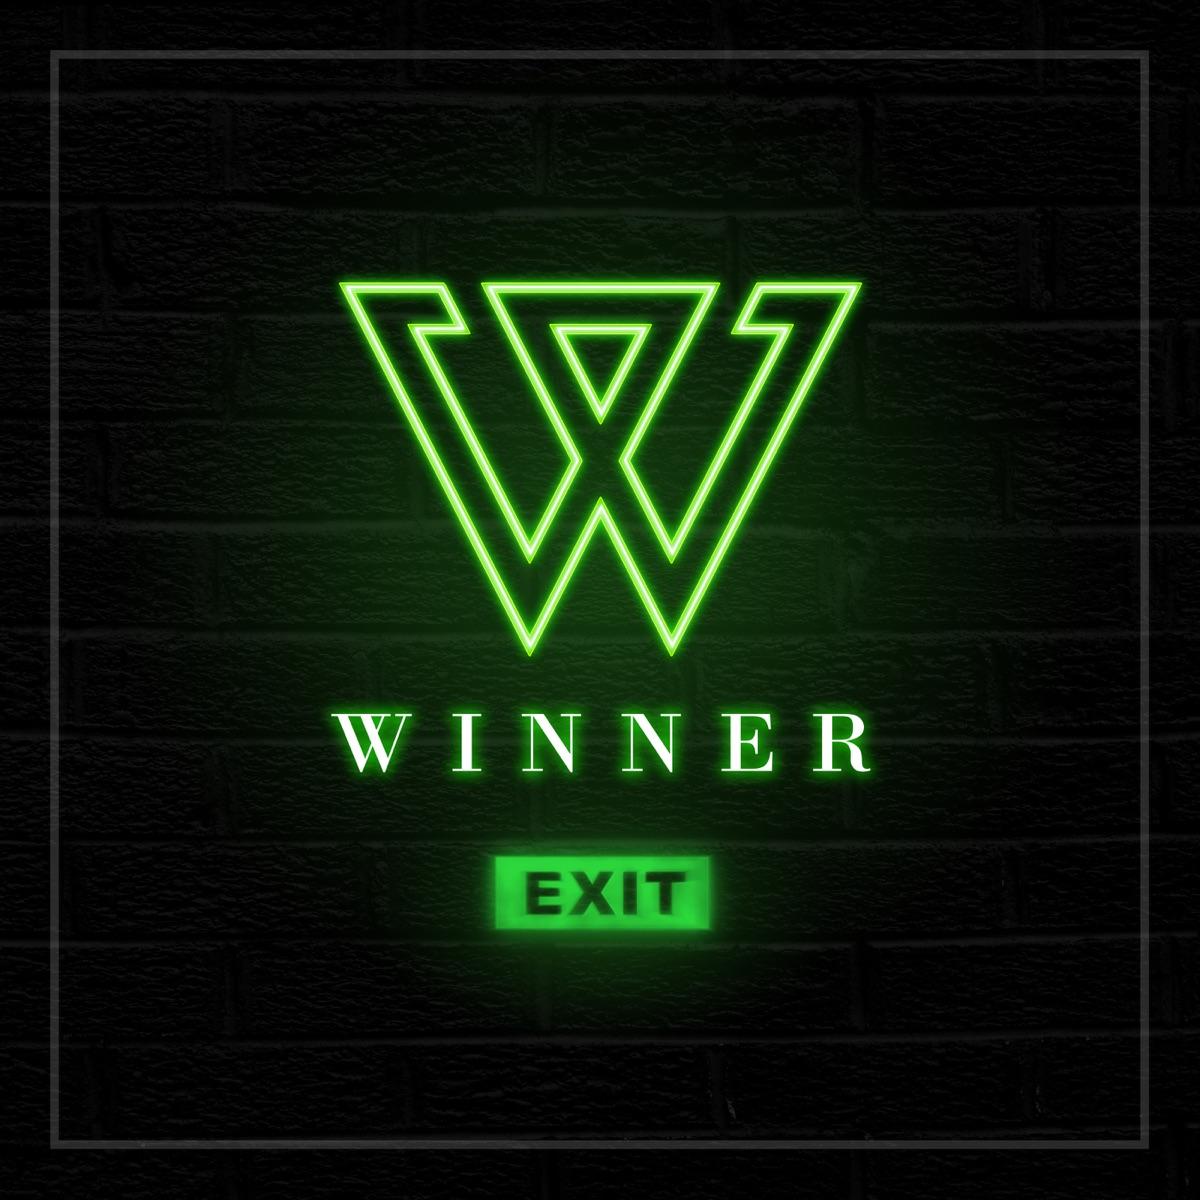 EXIT  E - EP WINNER CD cover